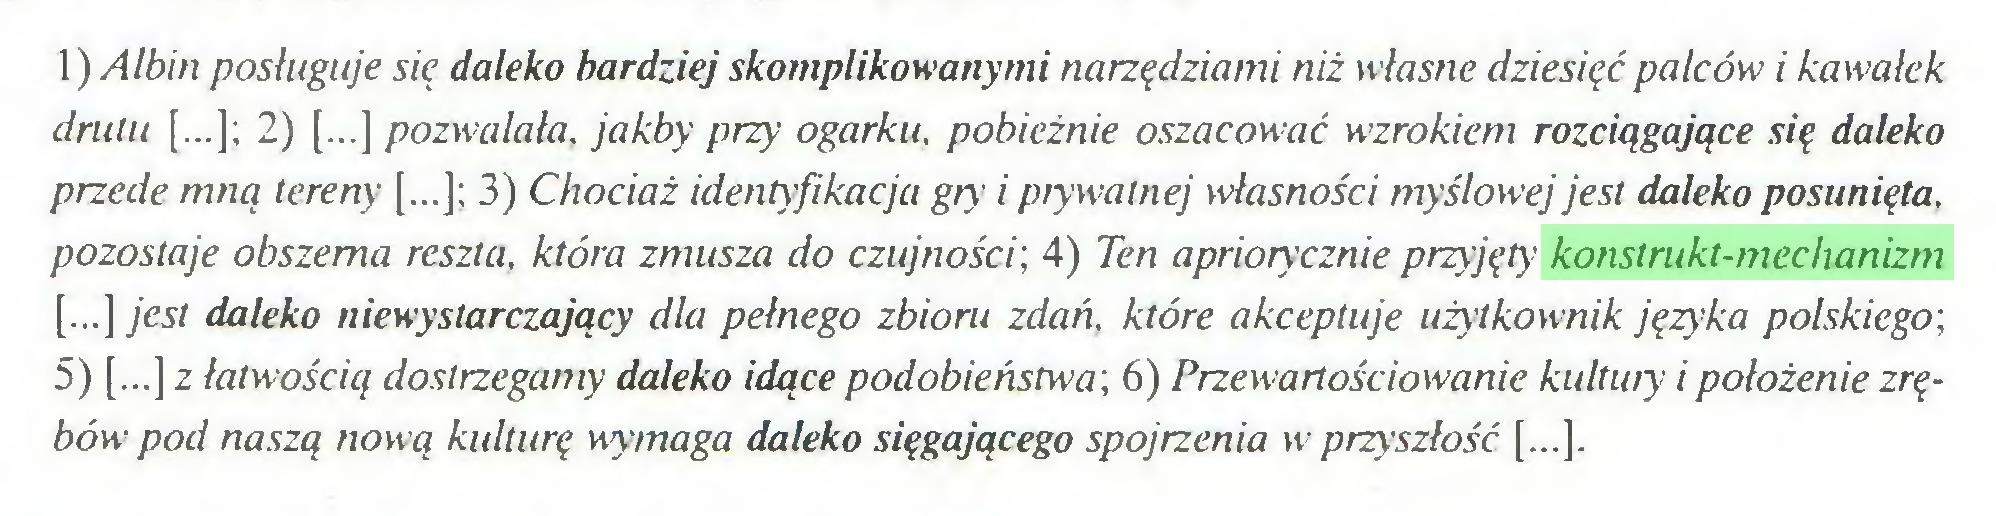 (...) 1) Albin posługuje się daleko bardziej skomplikowanymi narzędziami niż własne dziesięć palców i kawałek drutu [...]; 2) [...] pozwalała, jakby przy ogarku, pobieżnie oszacować wzrokiem rozciągające się daleko przede mną tereny [...]; 3) Chociaż identyfikacja gry i prywatnej własności myślowej jest daleko posunięta, pozostaje obszerna reszta, która zmusza do czujności; 4) Ten apriorycznie przyjęty konstrukt-mechanizm [...] jest daleko niewystarczający dla pełnego zbioru zdań, które akceptuje użytkownik języka polskiego; 5) [...] z łatwością dostrzegamy daleko idące podobieństwa; 6) Przewartościowanie kultury i położenie zrębów pod naszą nową kulturę wymaga daleko sięgającego spojrzenia w przyszłość [...]...